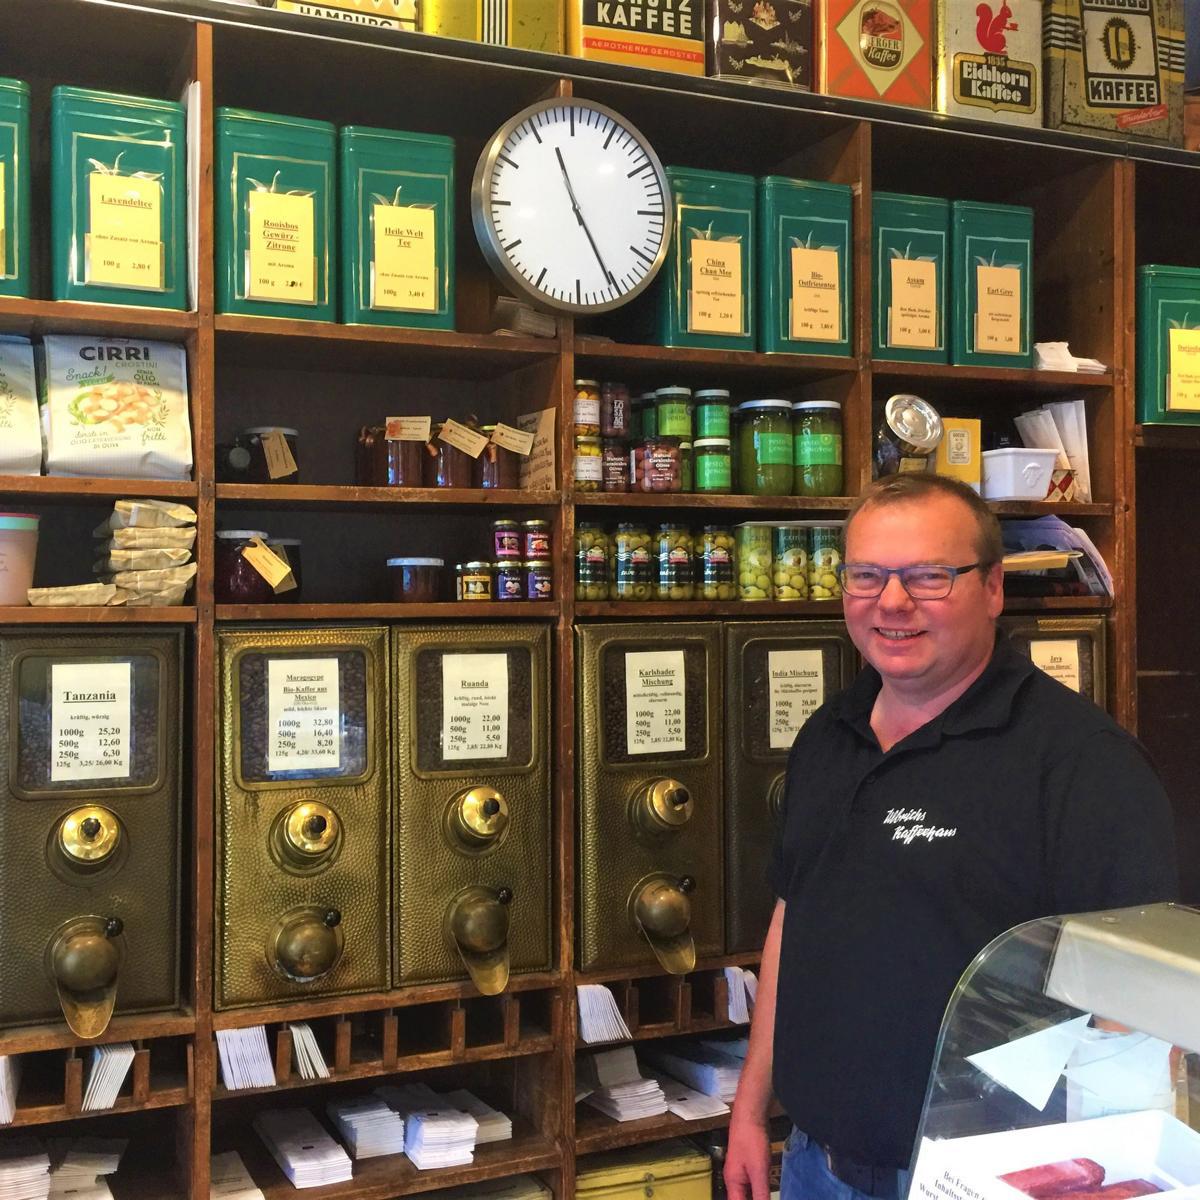 Style Hannover Ulbrichs Kaffehaus 3 - Ulbrichs Kaffeehaus